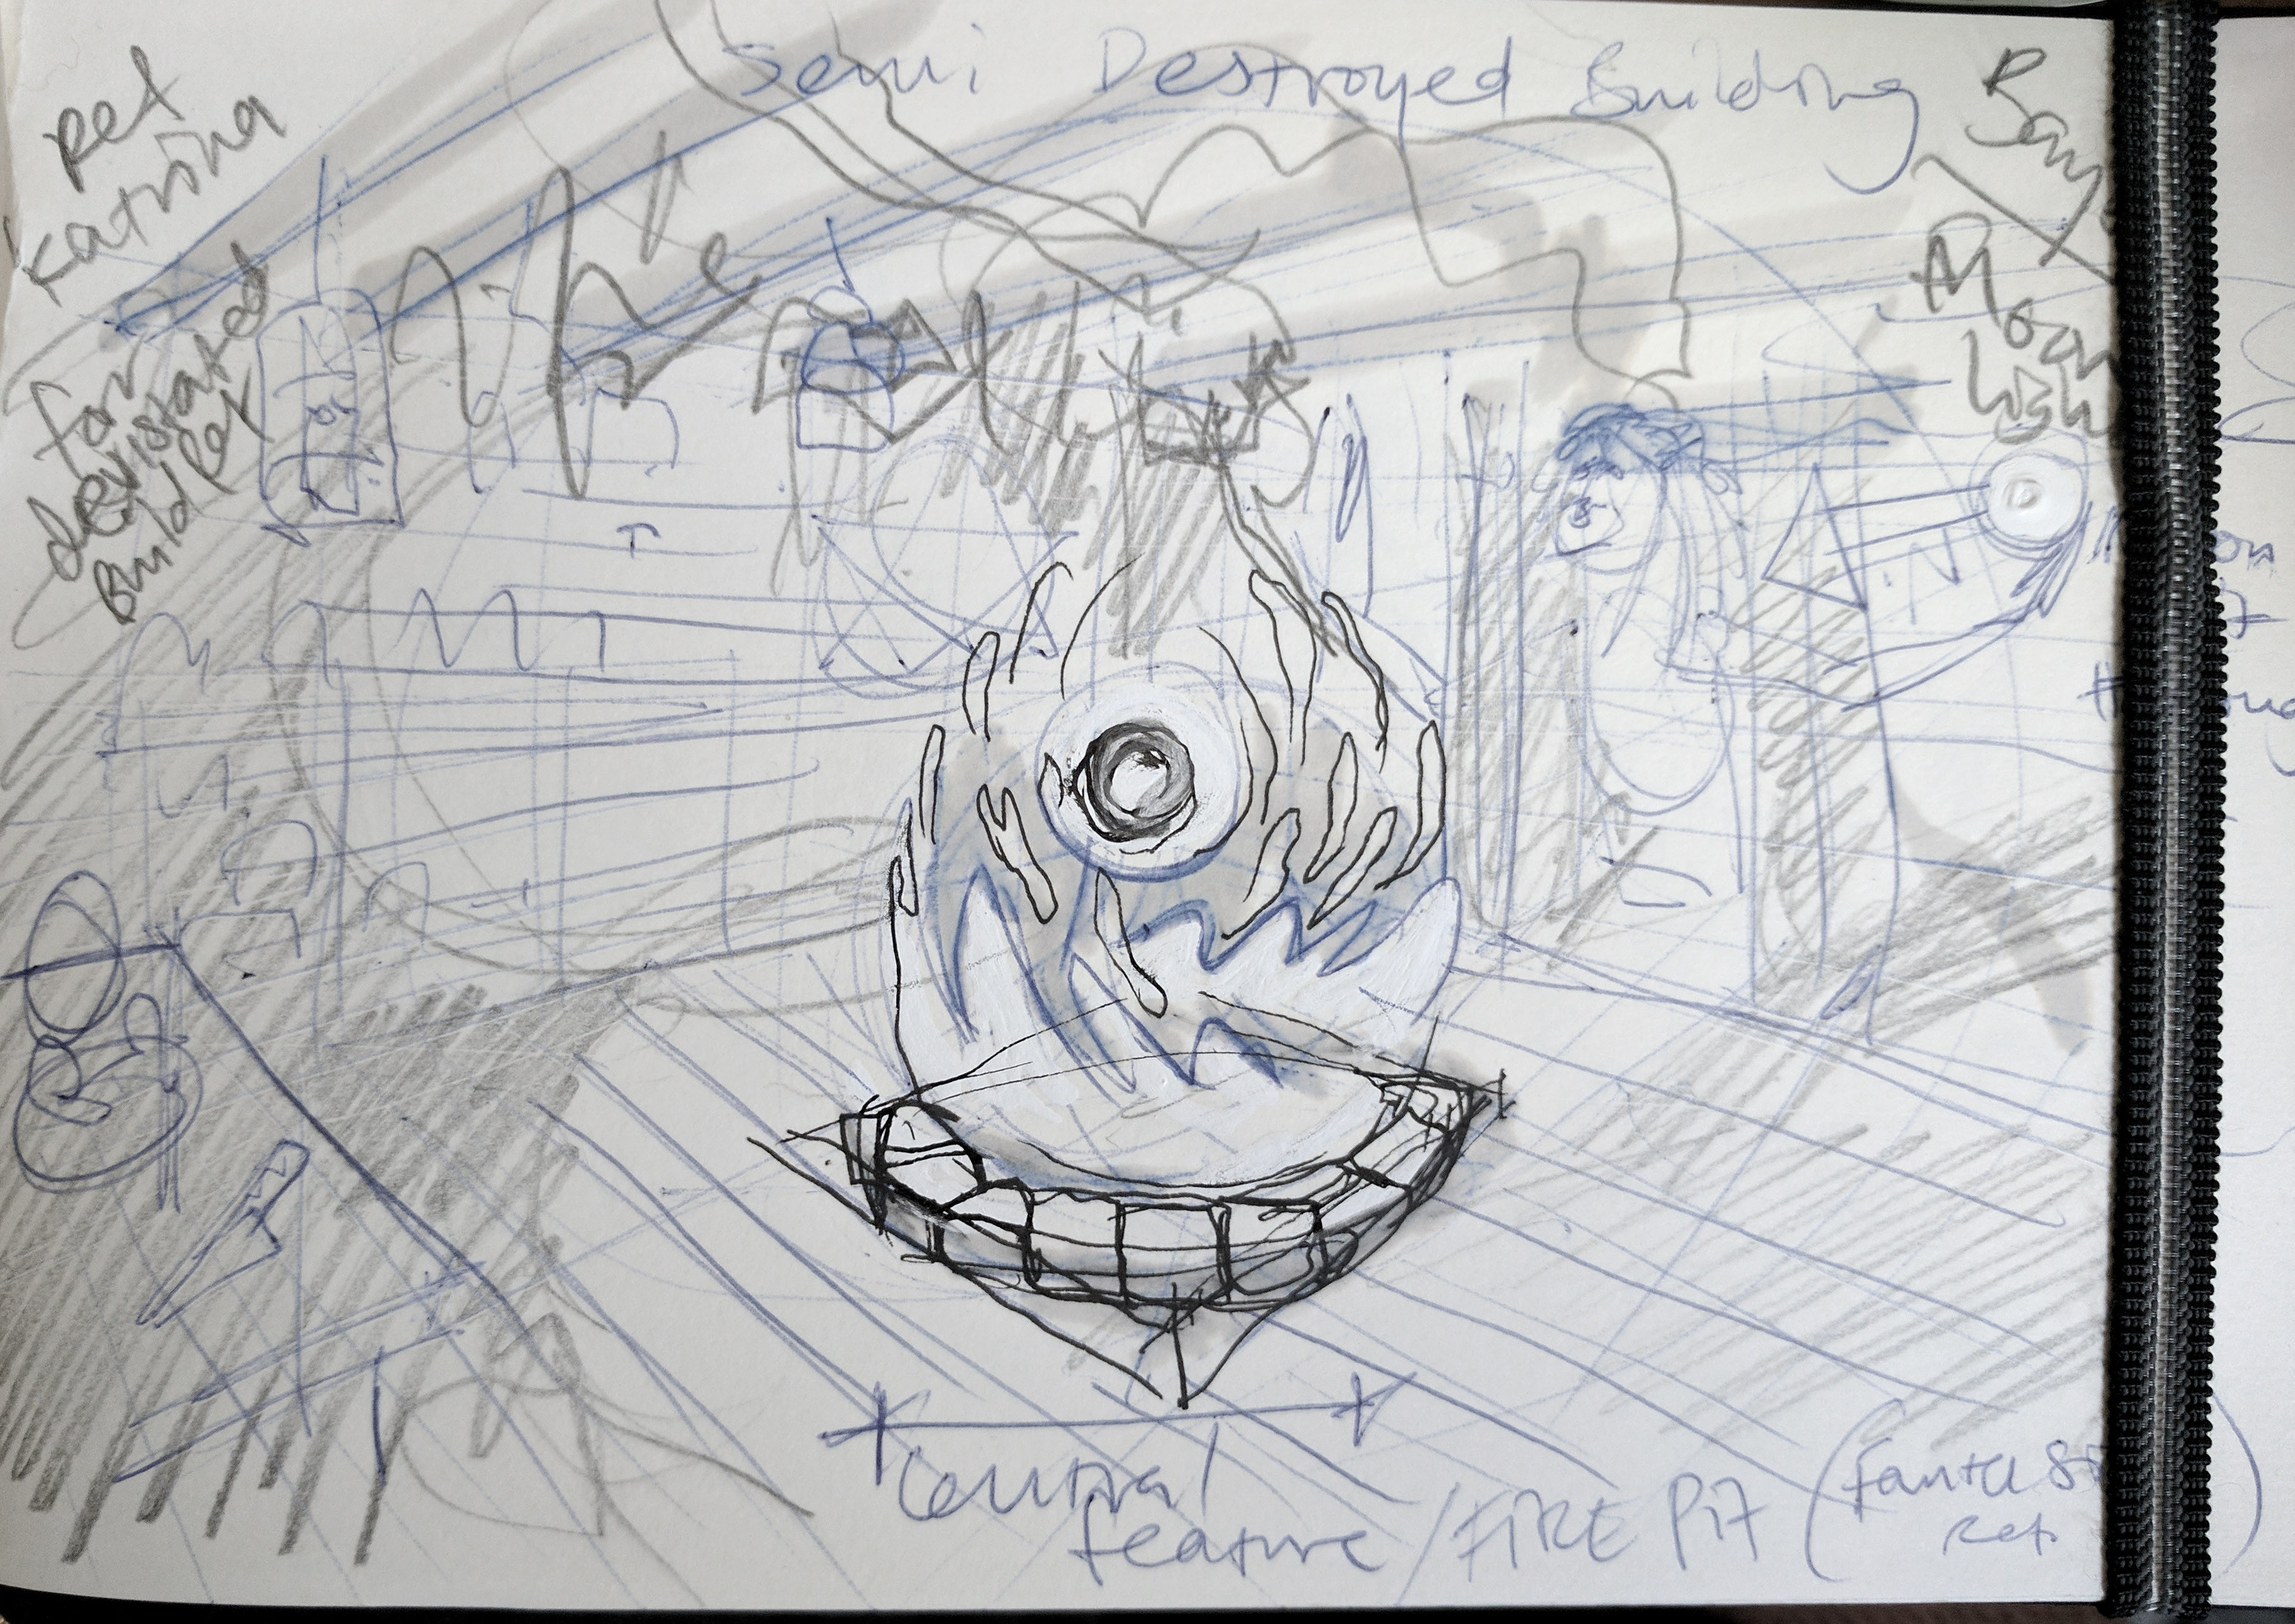 Initial thumb sketch